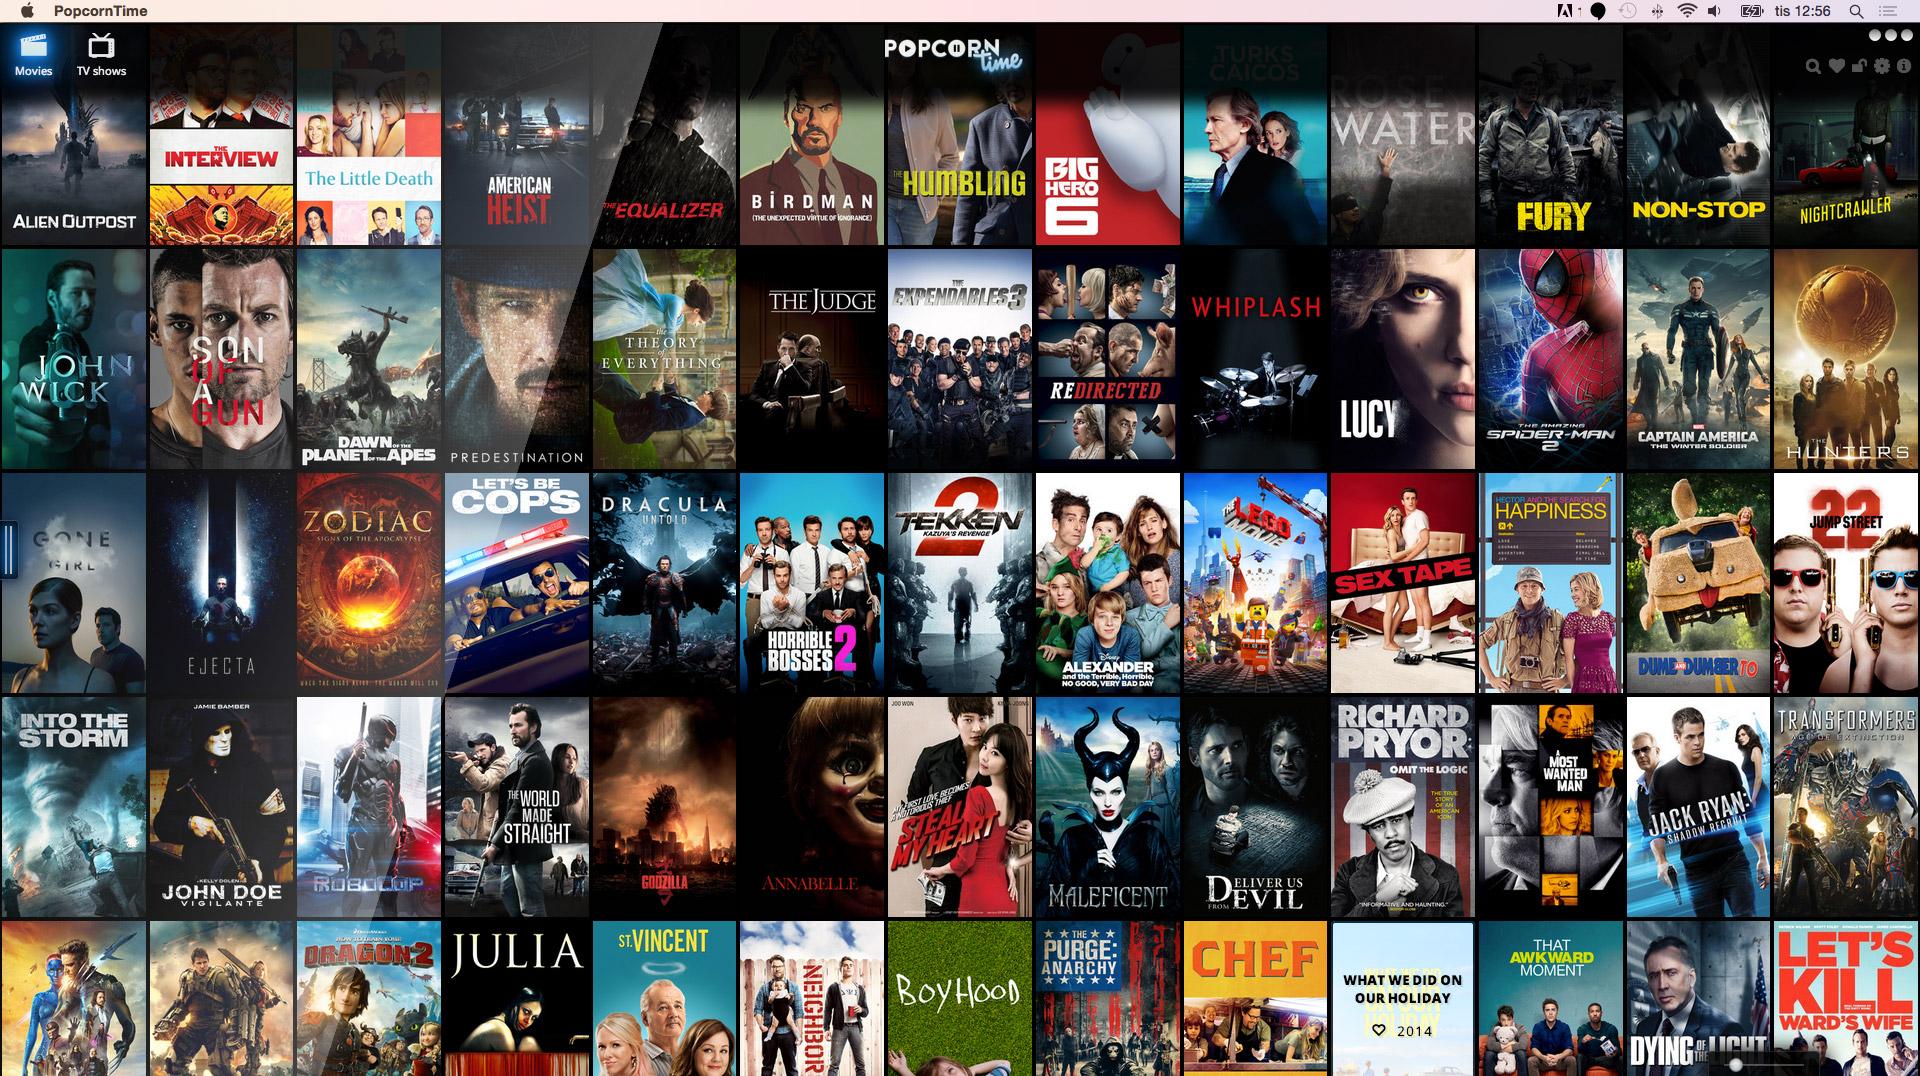 filmer försvinner från netflix home